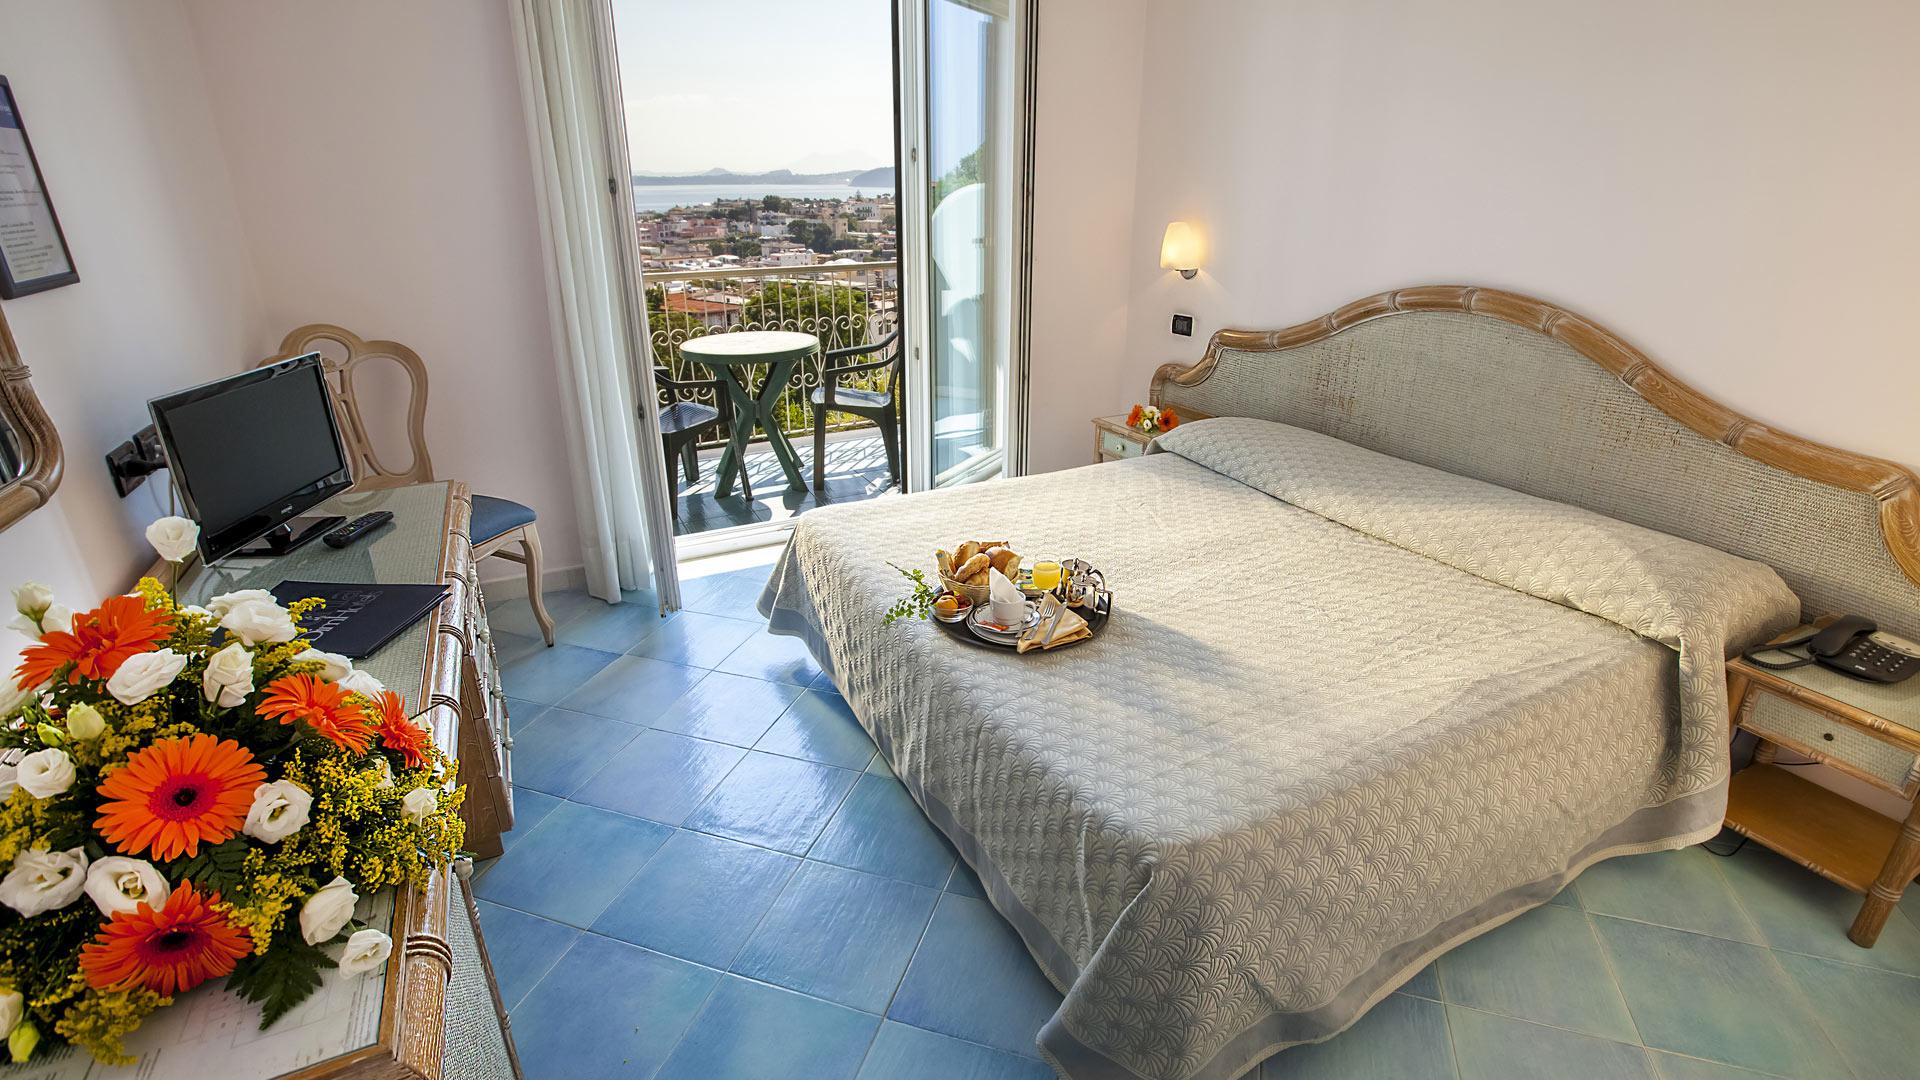 Camere Sandard Vosta Mare - Hotel President - Hotel 4 Stelle Ischia